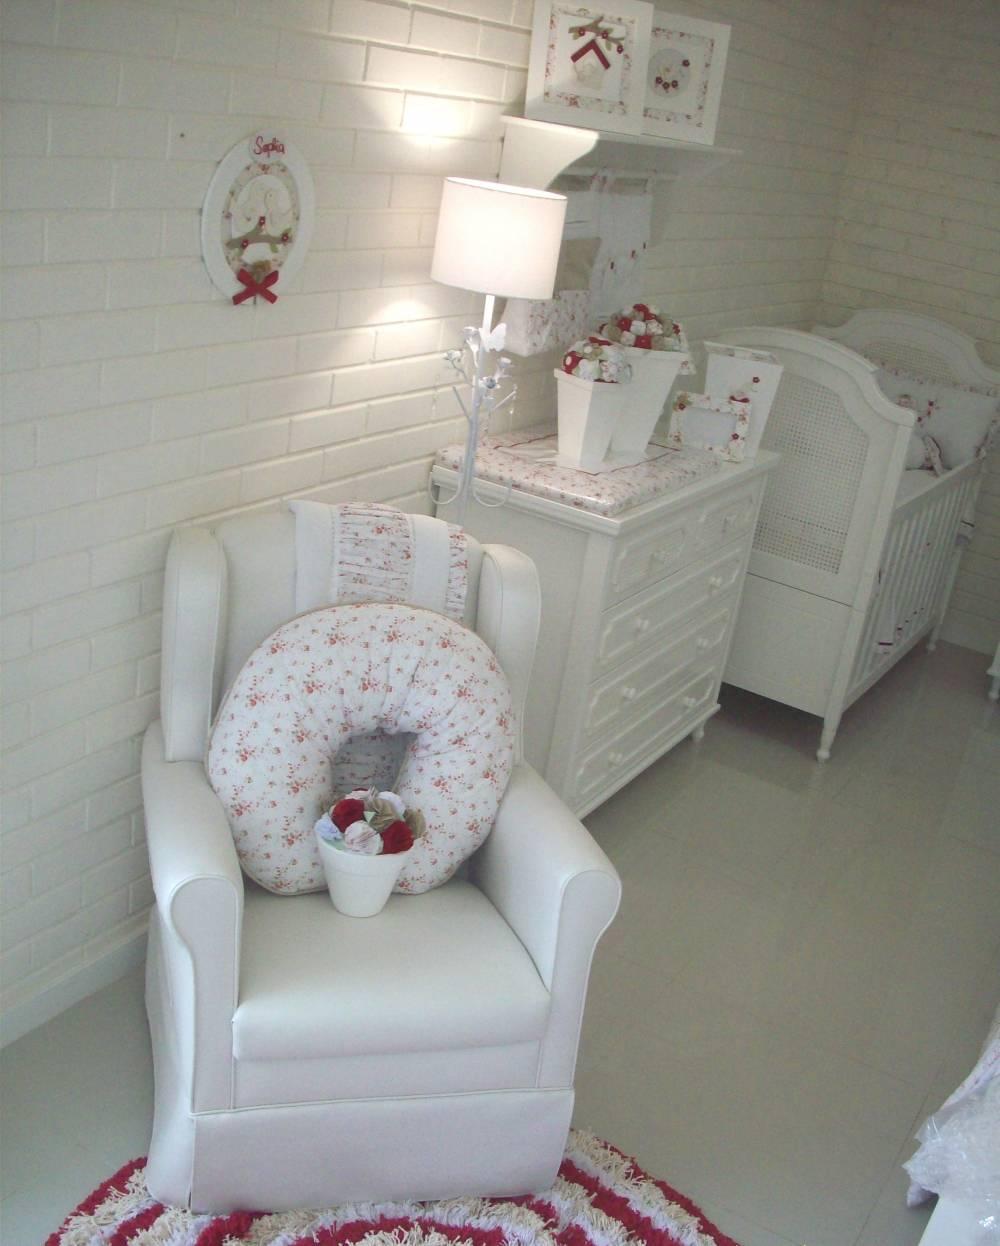 Decoração para Quartos de Bebê Feminino em Osasco - Decoração de Quartos Bebê Feminino